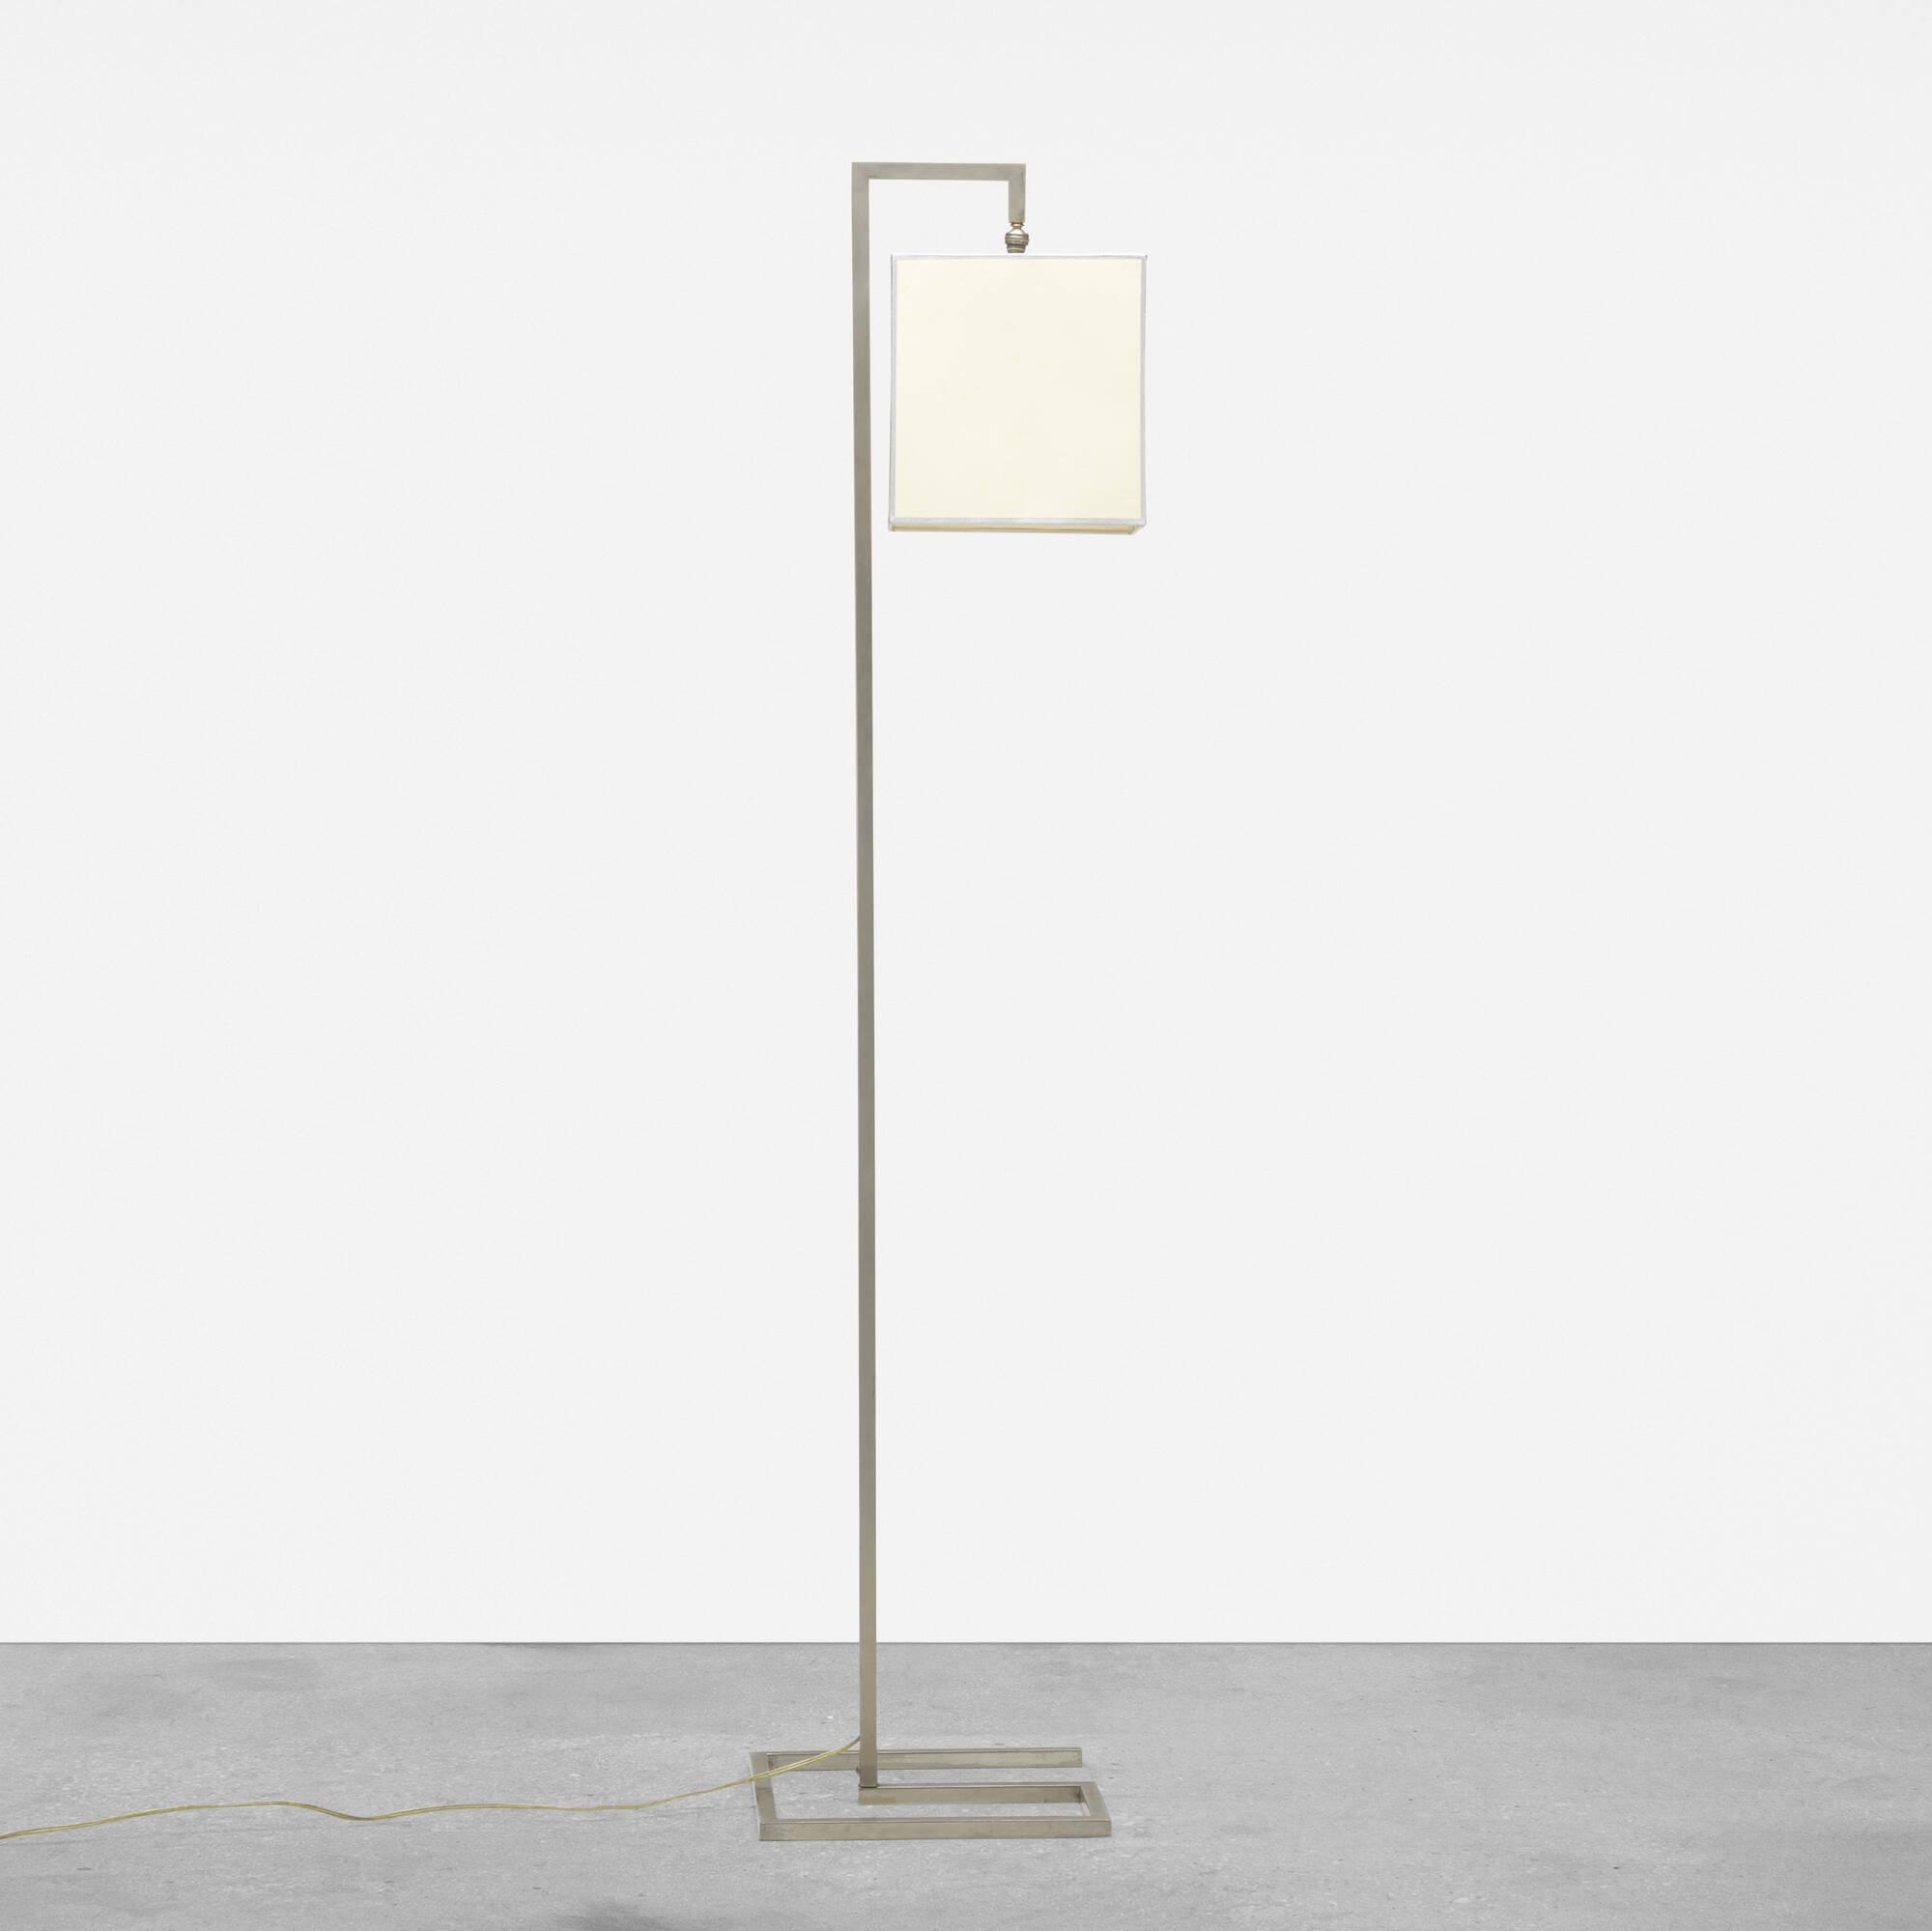 262: Donald Deskey / floor lamp (1 of 2)